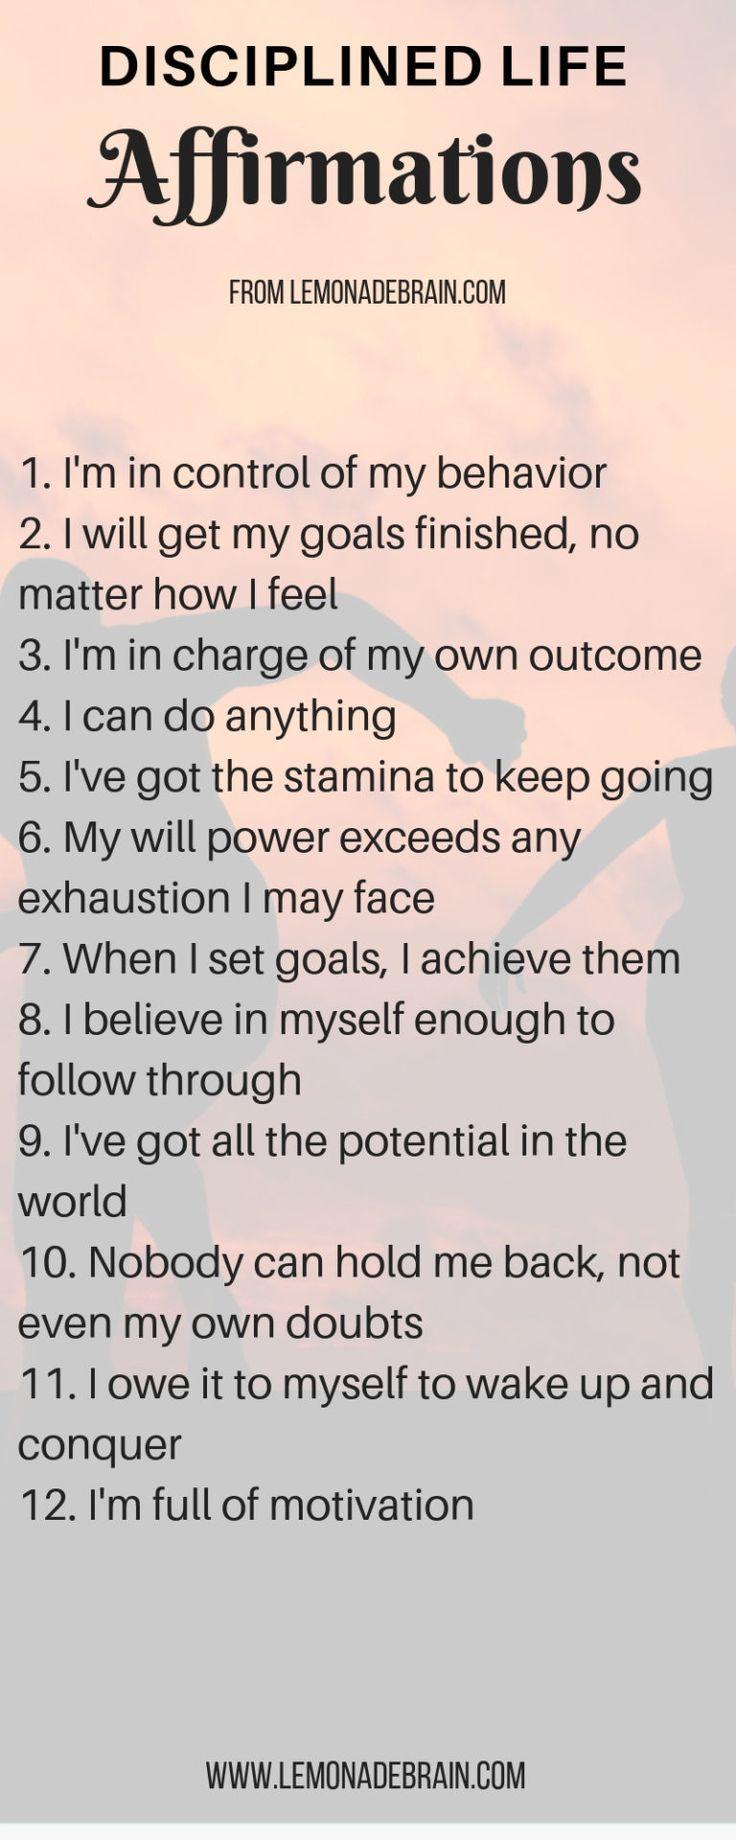 It's about Discipline | Affirmations, Positive affirmations, Daily affirmations